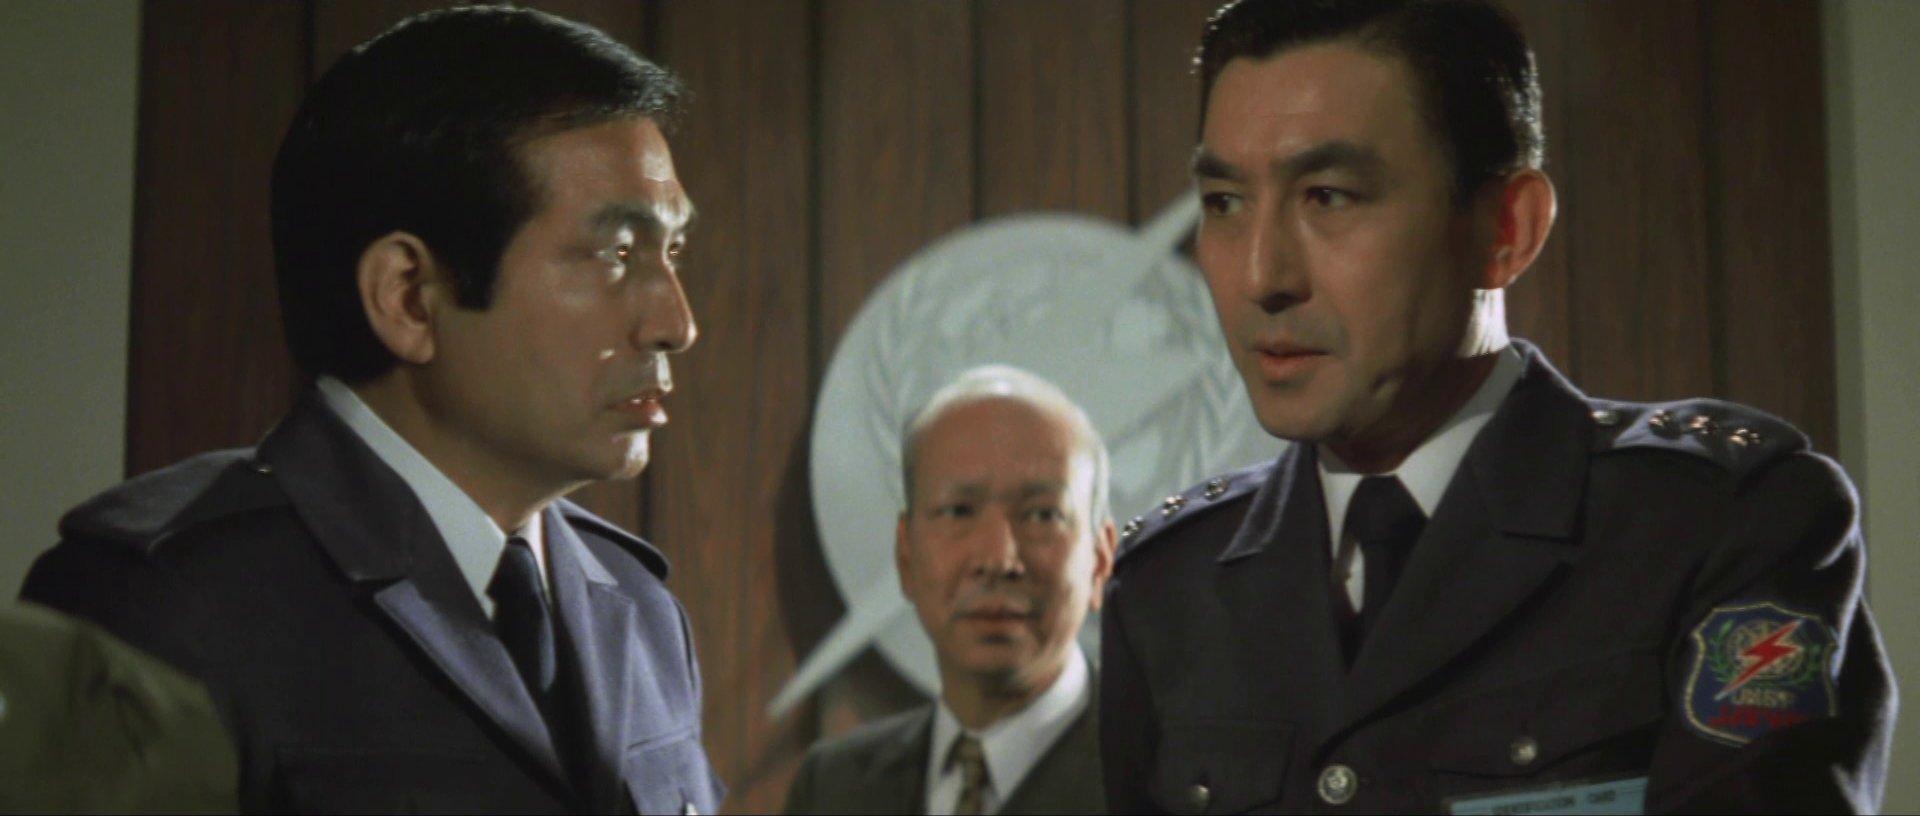 『惑星大戦争』キリヤマ隊長と芹沢博士